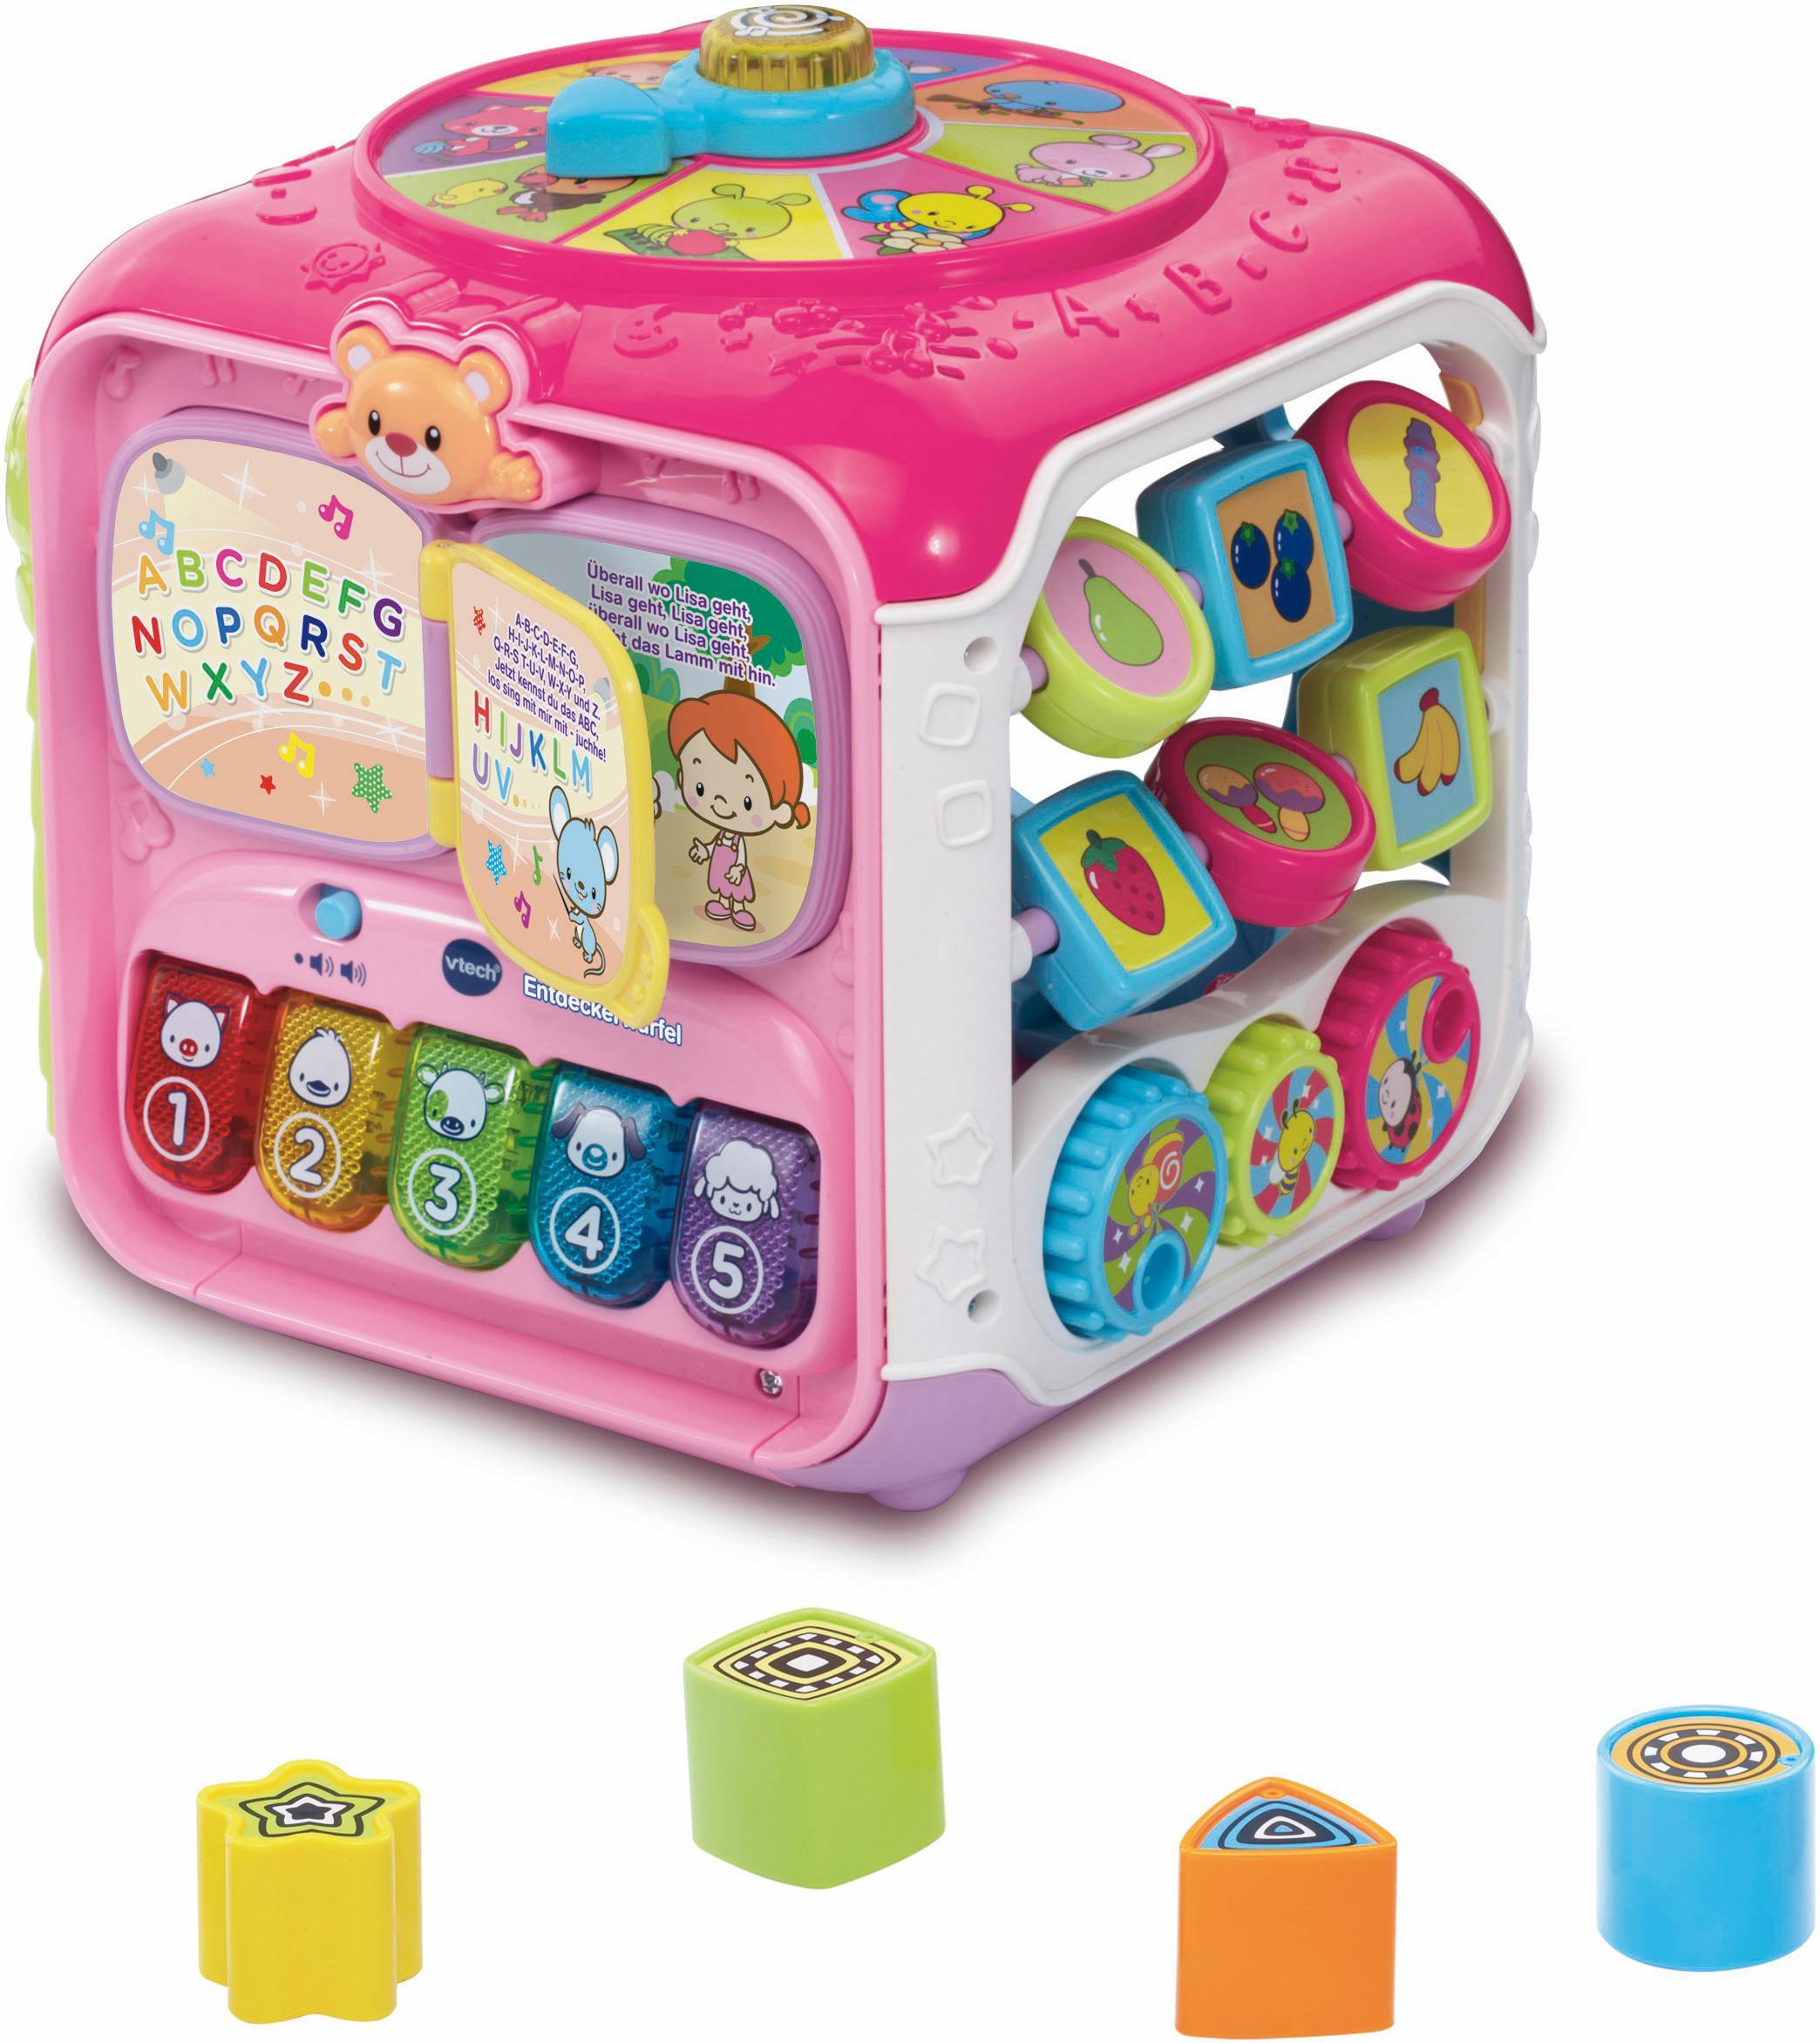 Vtech Lernspielzeug, Spielwürfel, Entdeckerwürfel, pink bunt Kinder Ab 12 Monaten Altersempfehlung Lernspielzeug